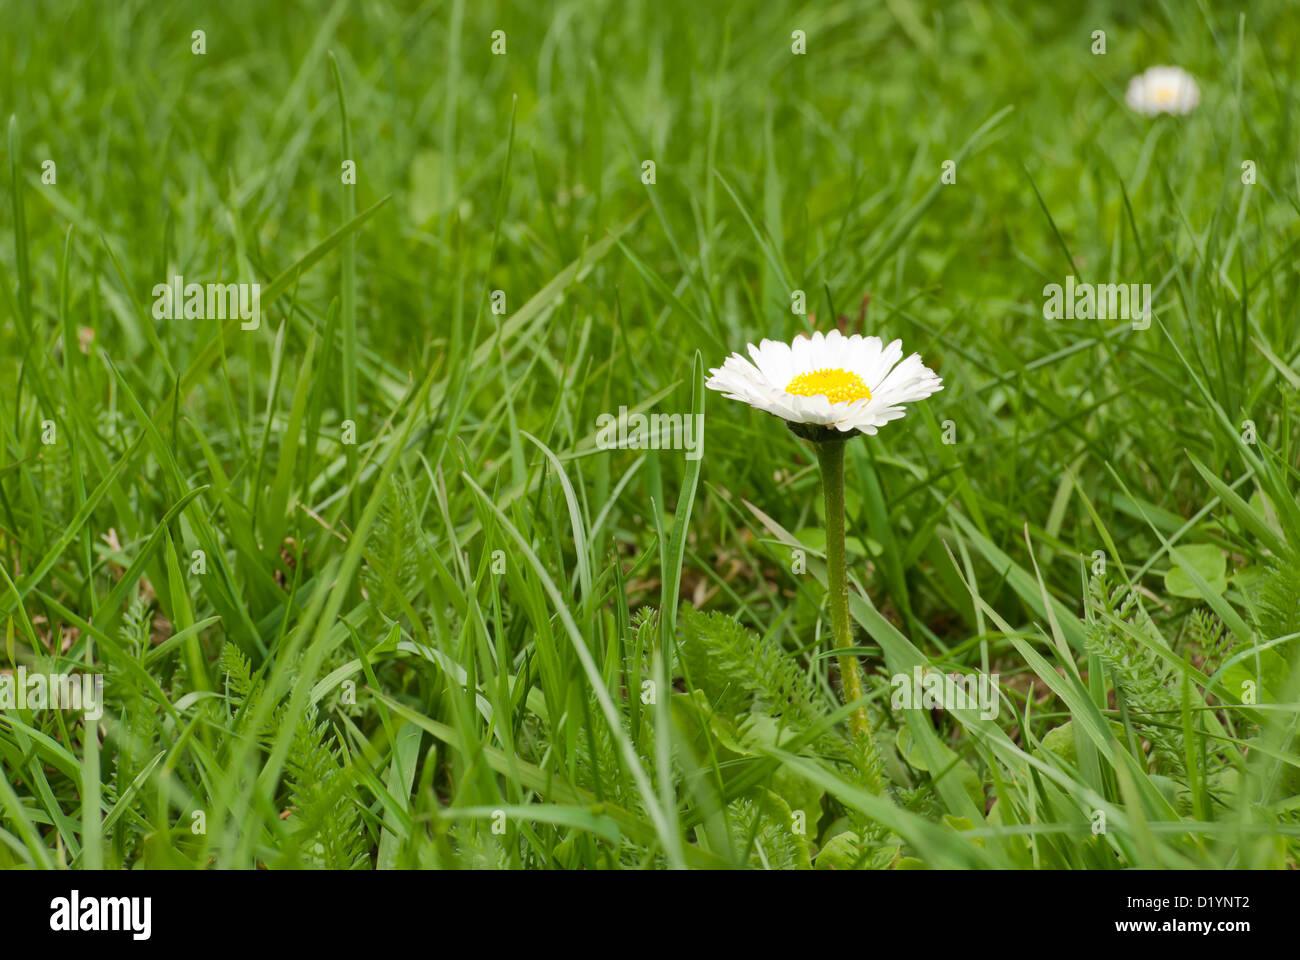 Fleur Marguerite Stock Photos Fleur Marguerite Stock Images Alamy